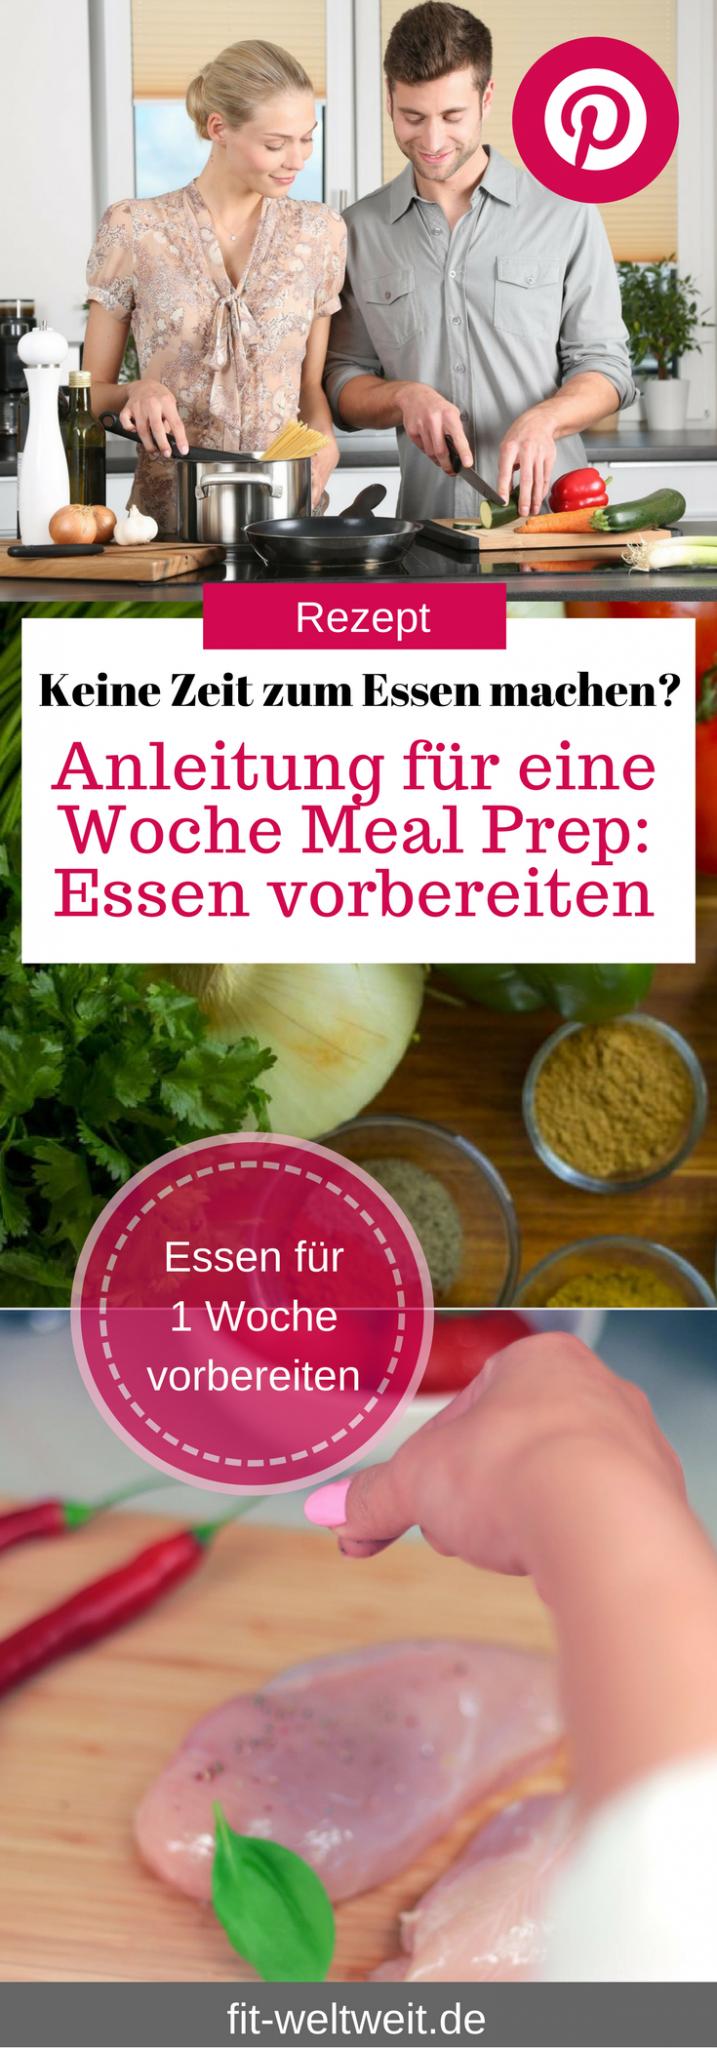 Keine Zeit zum Essen machen: Anleitung für eine Woche MEAL PREP - fit-weltweit.de